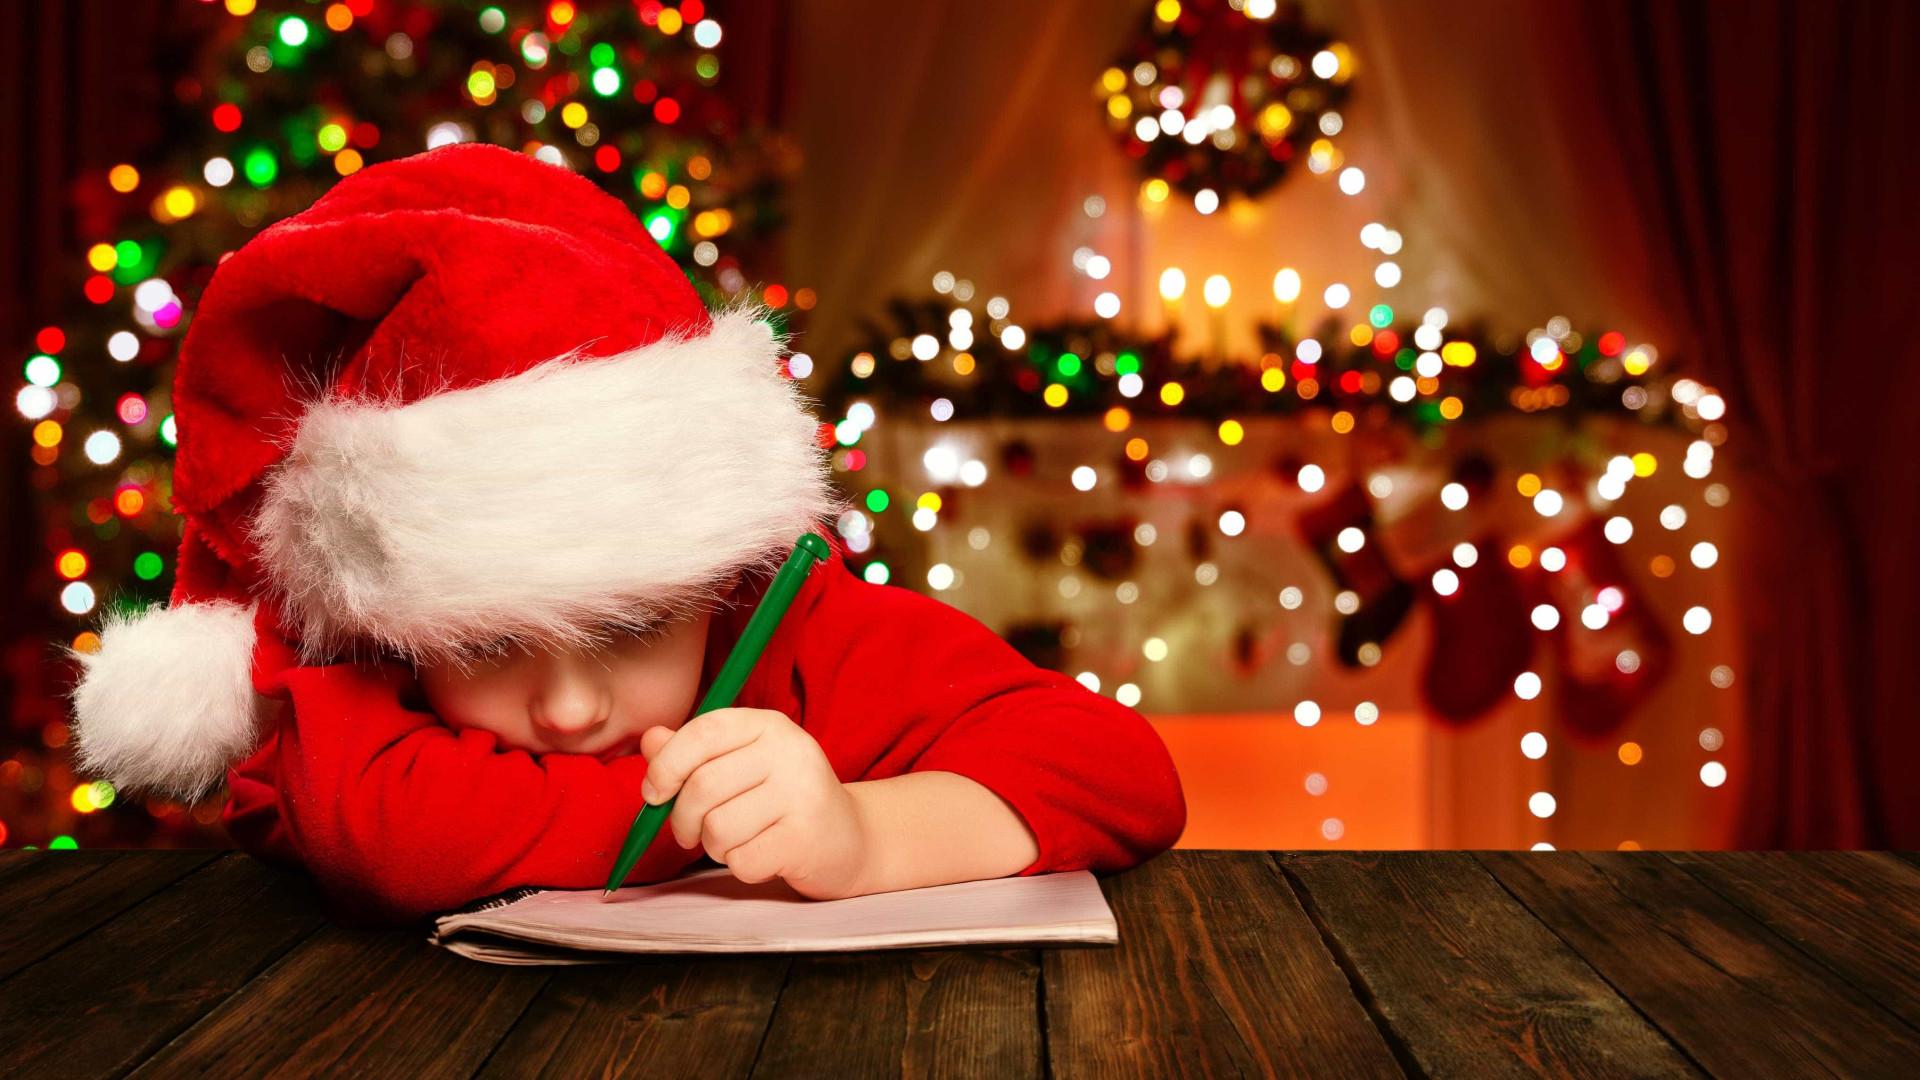 Recebeu carta para o Pai Natal e ficou devastado com pedido de criança